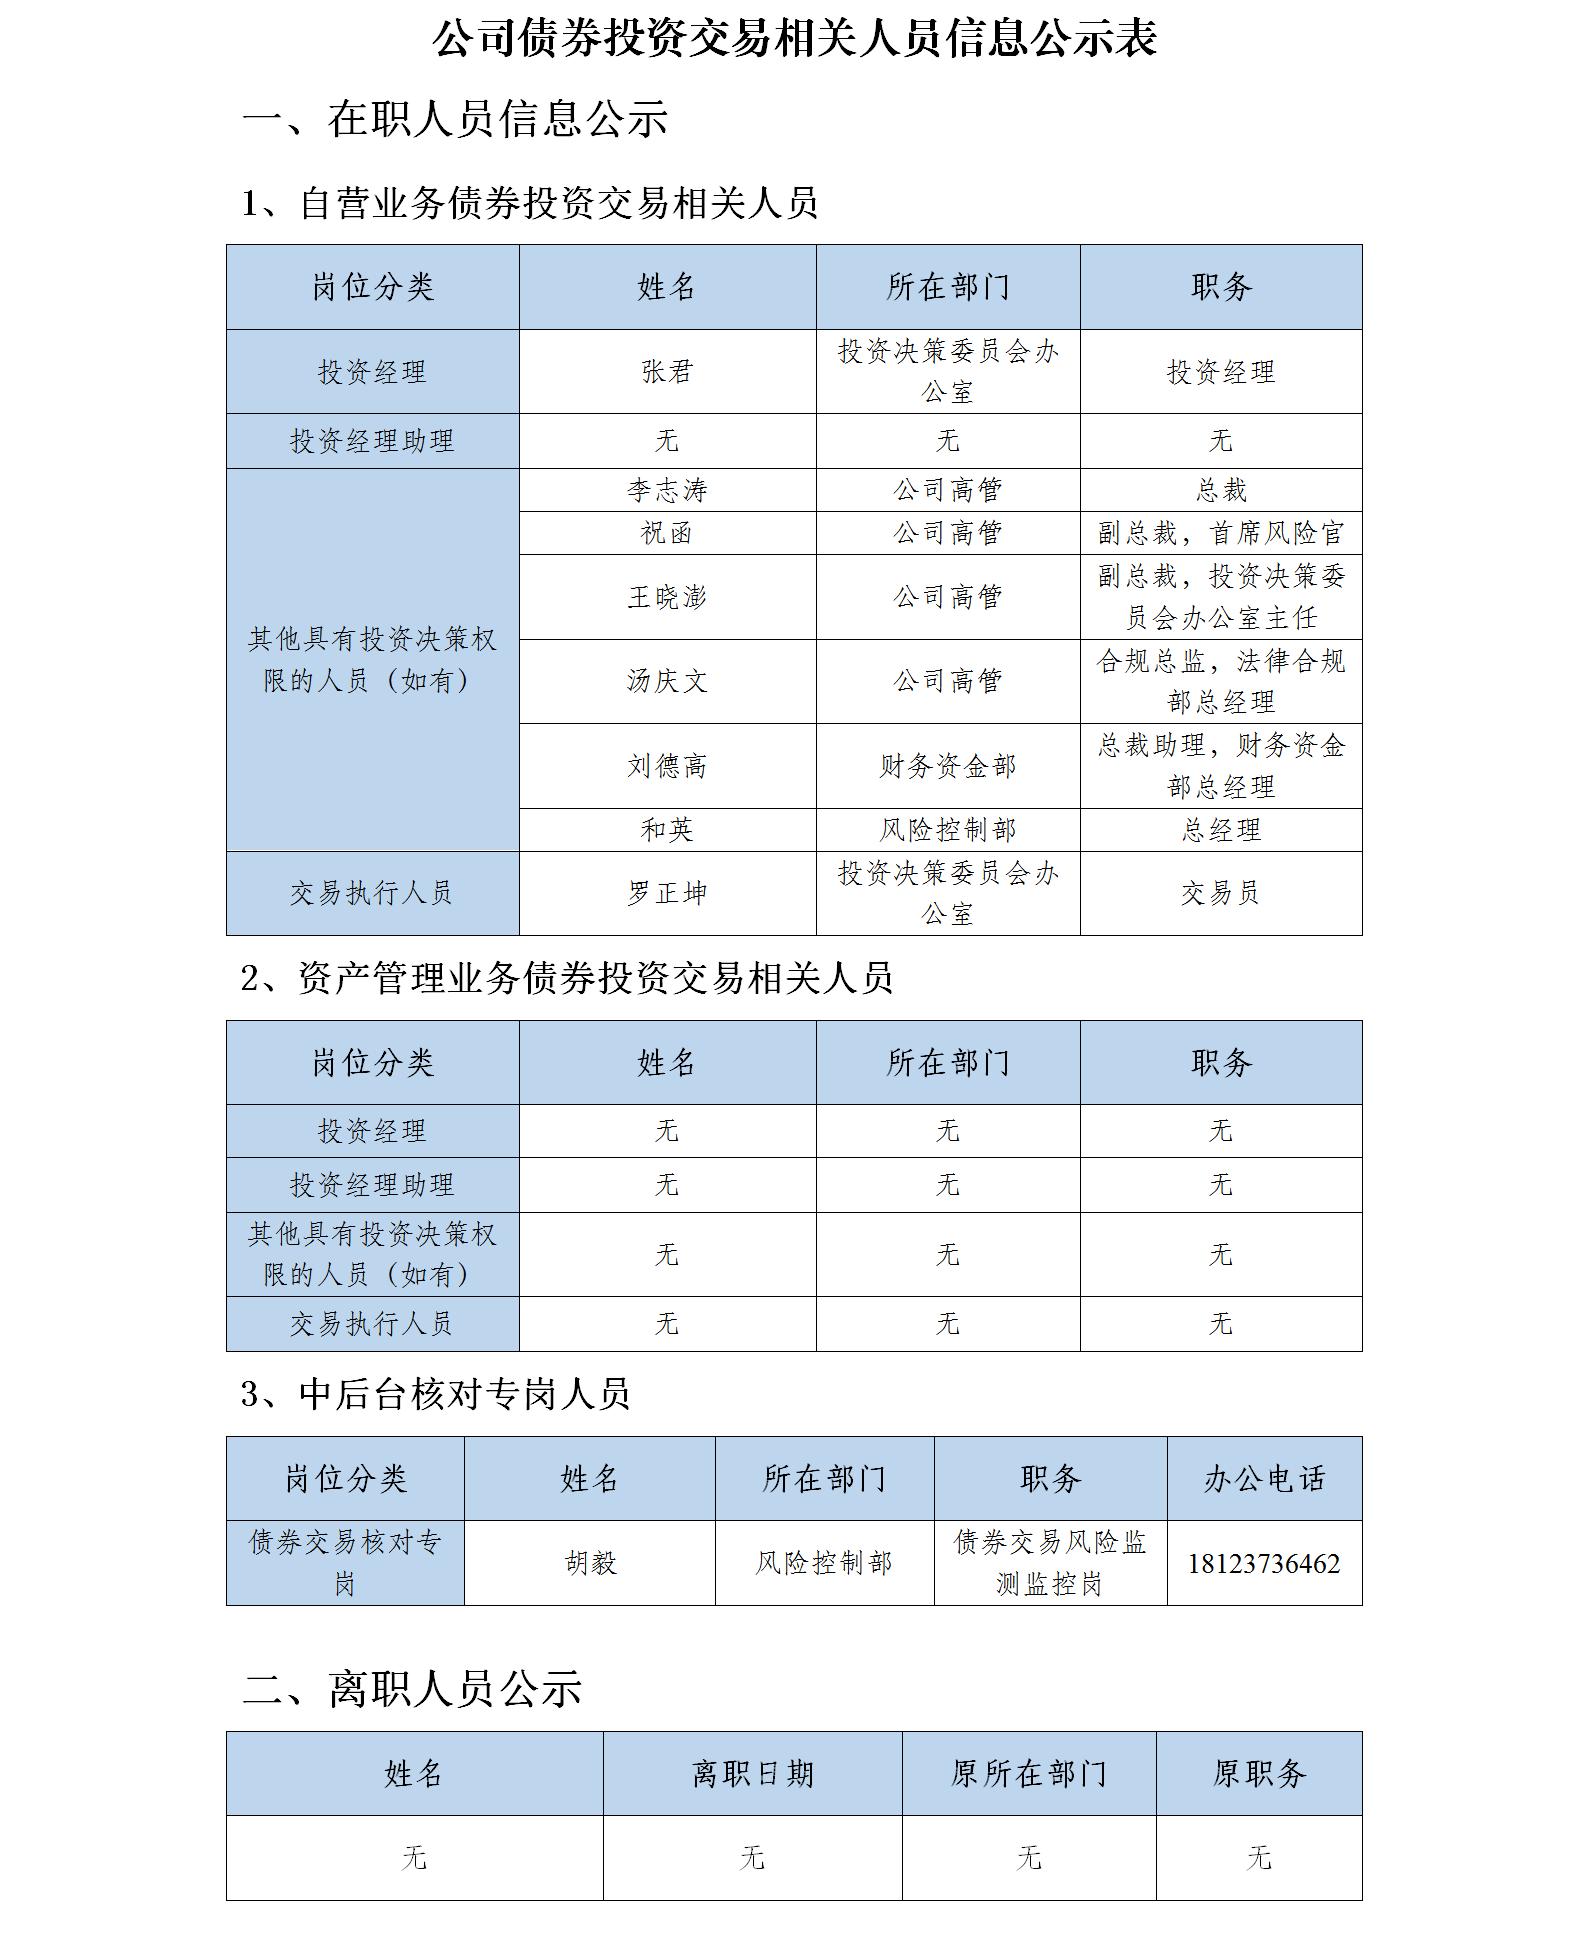 附件:证券经营机构债券交易相关人员信息公示表-大旺国际娱乐777.png